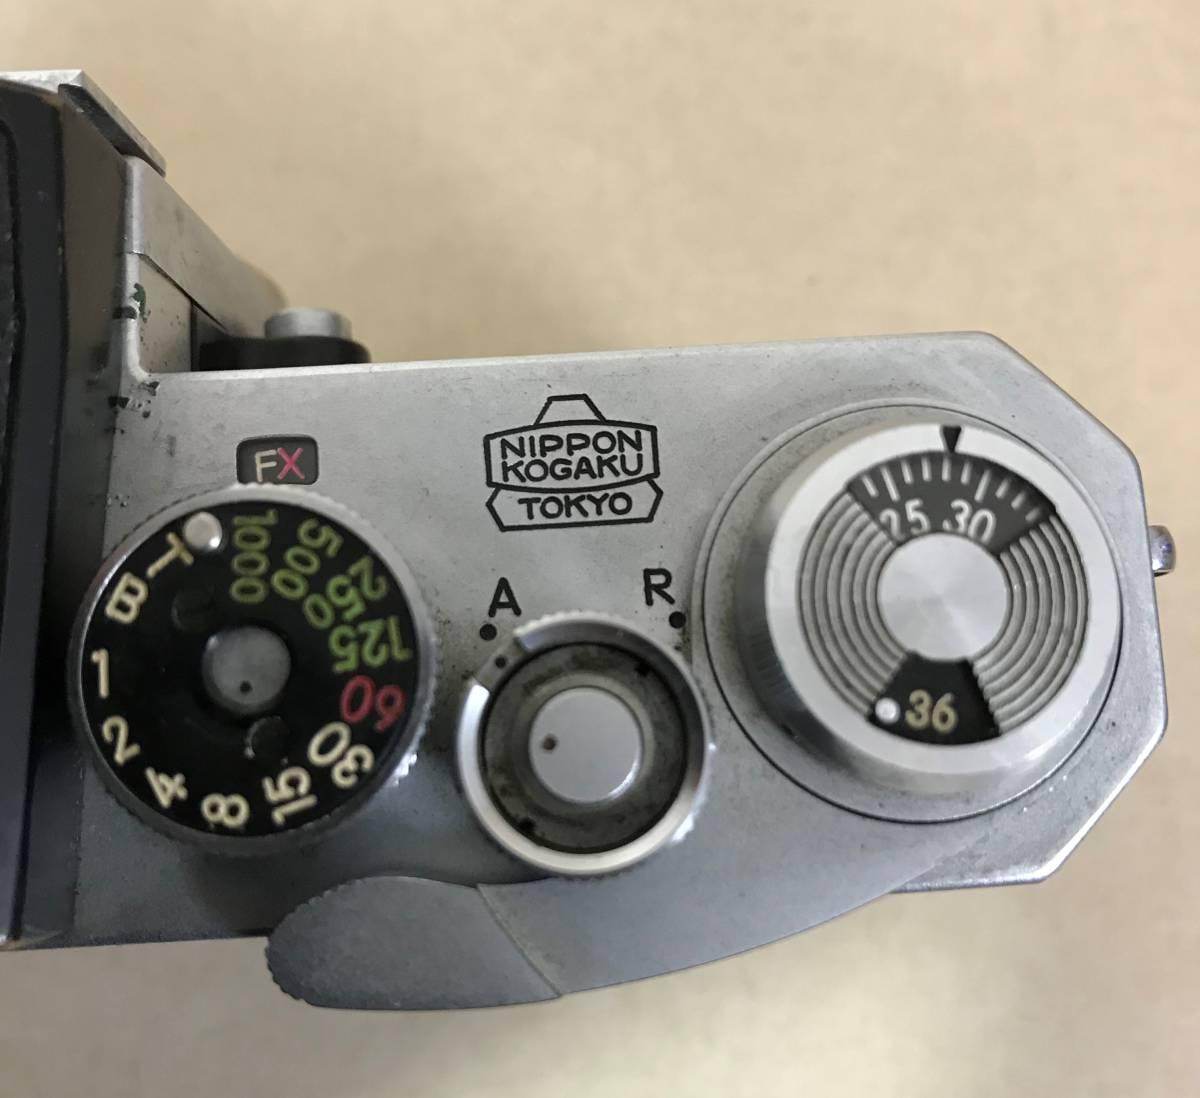 ニコン Nikon F フィルムカメラ/シリアルNO 6721651 NIPPON KOGAKU TOKYO_画像7